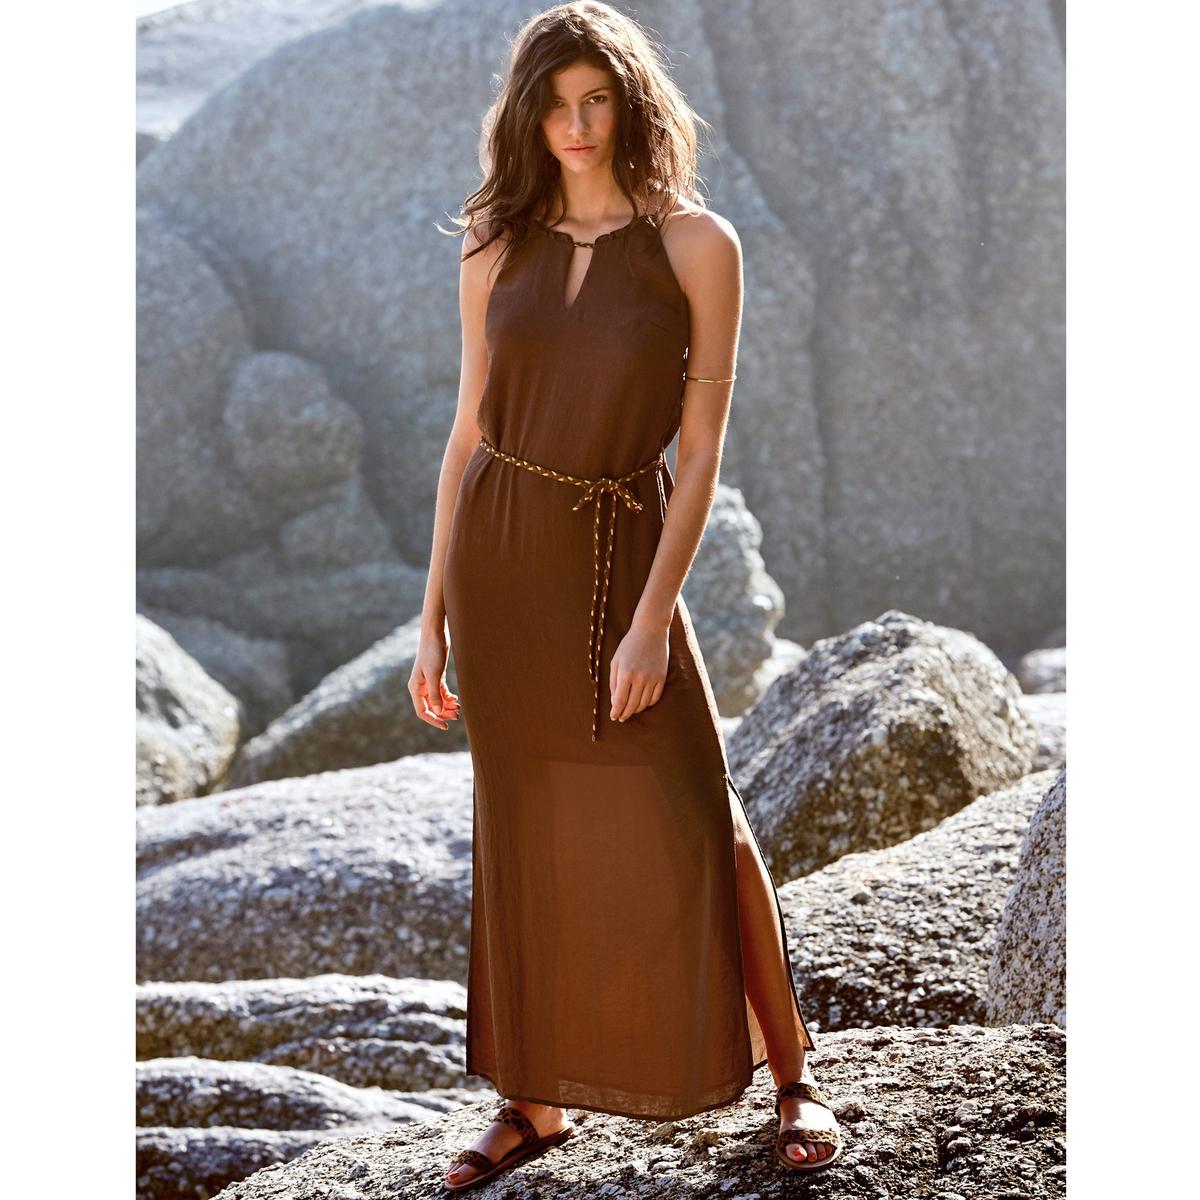 Платье длинное из крепаПлетеная кулиска с добавлением металлизированных нитей на вырезе.<br><br>Цвет: каштановый<br>Размер: 34 (FR) - 40 (RUS).36 (FR) - 42 (RUS)